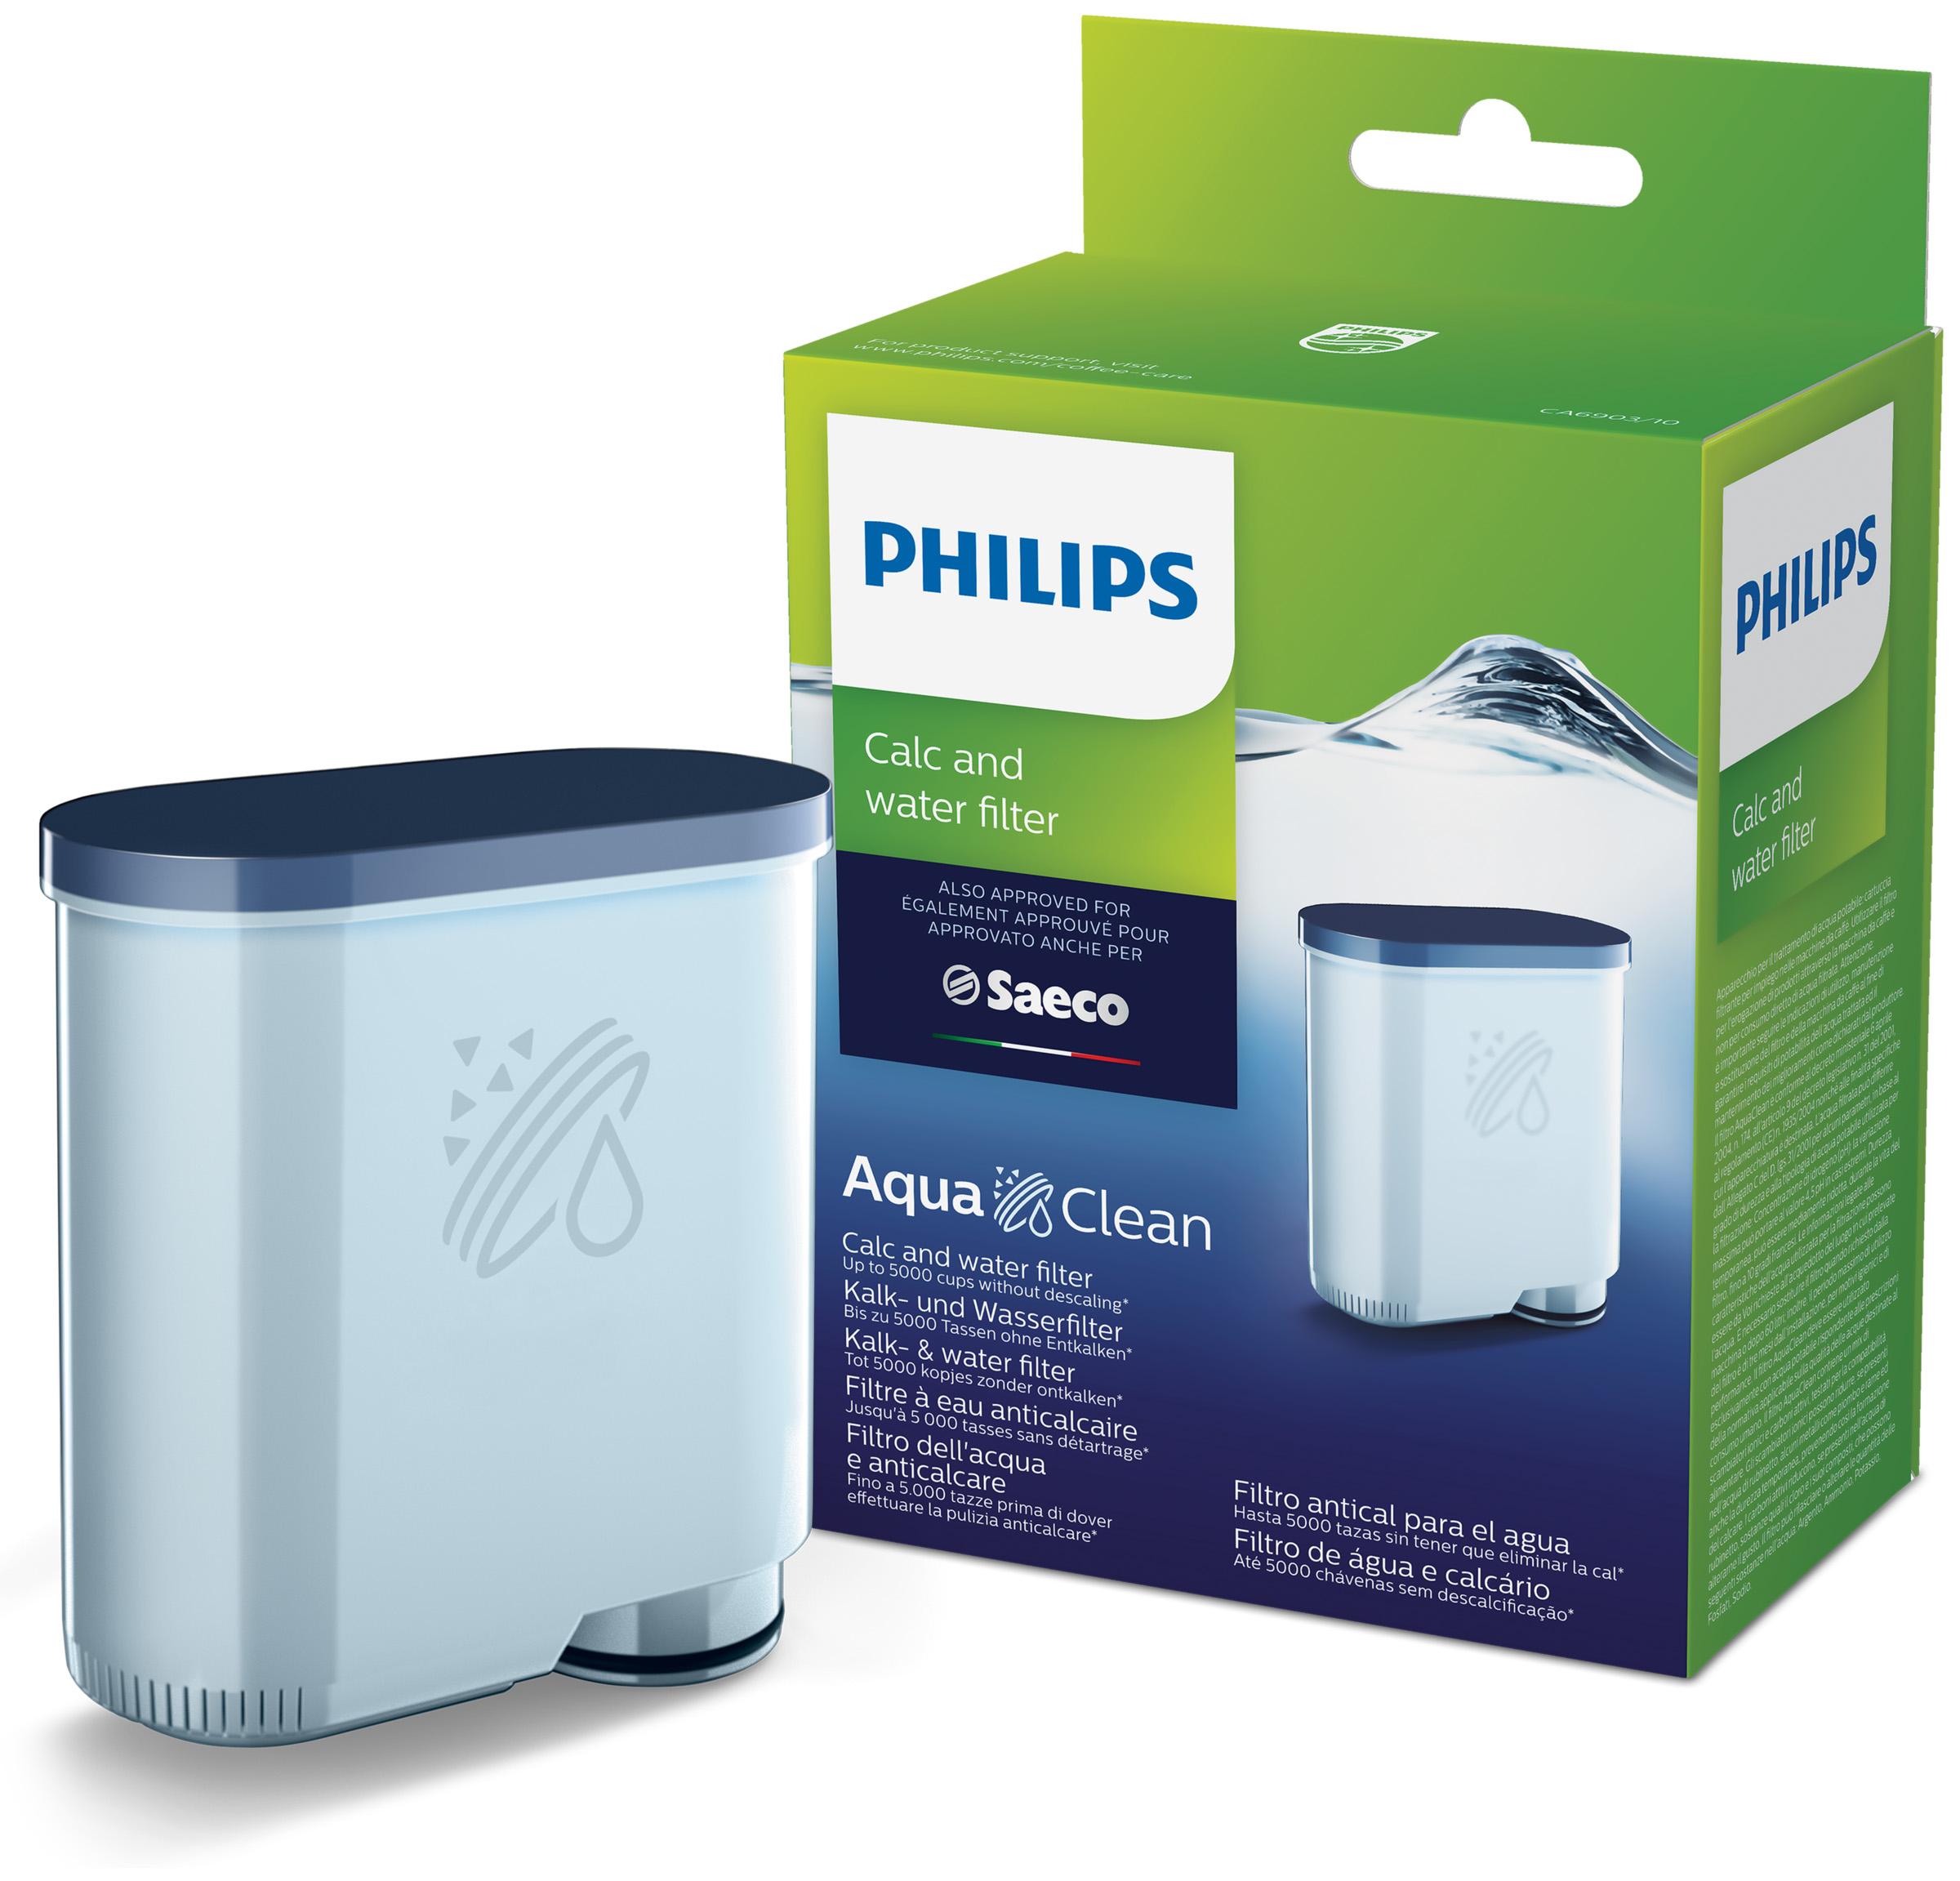 Philips CA6903/10 AquaClean фильтр для воды для кофемашины